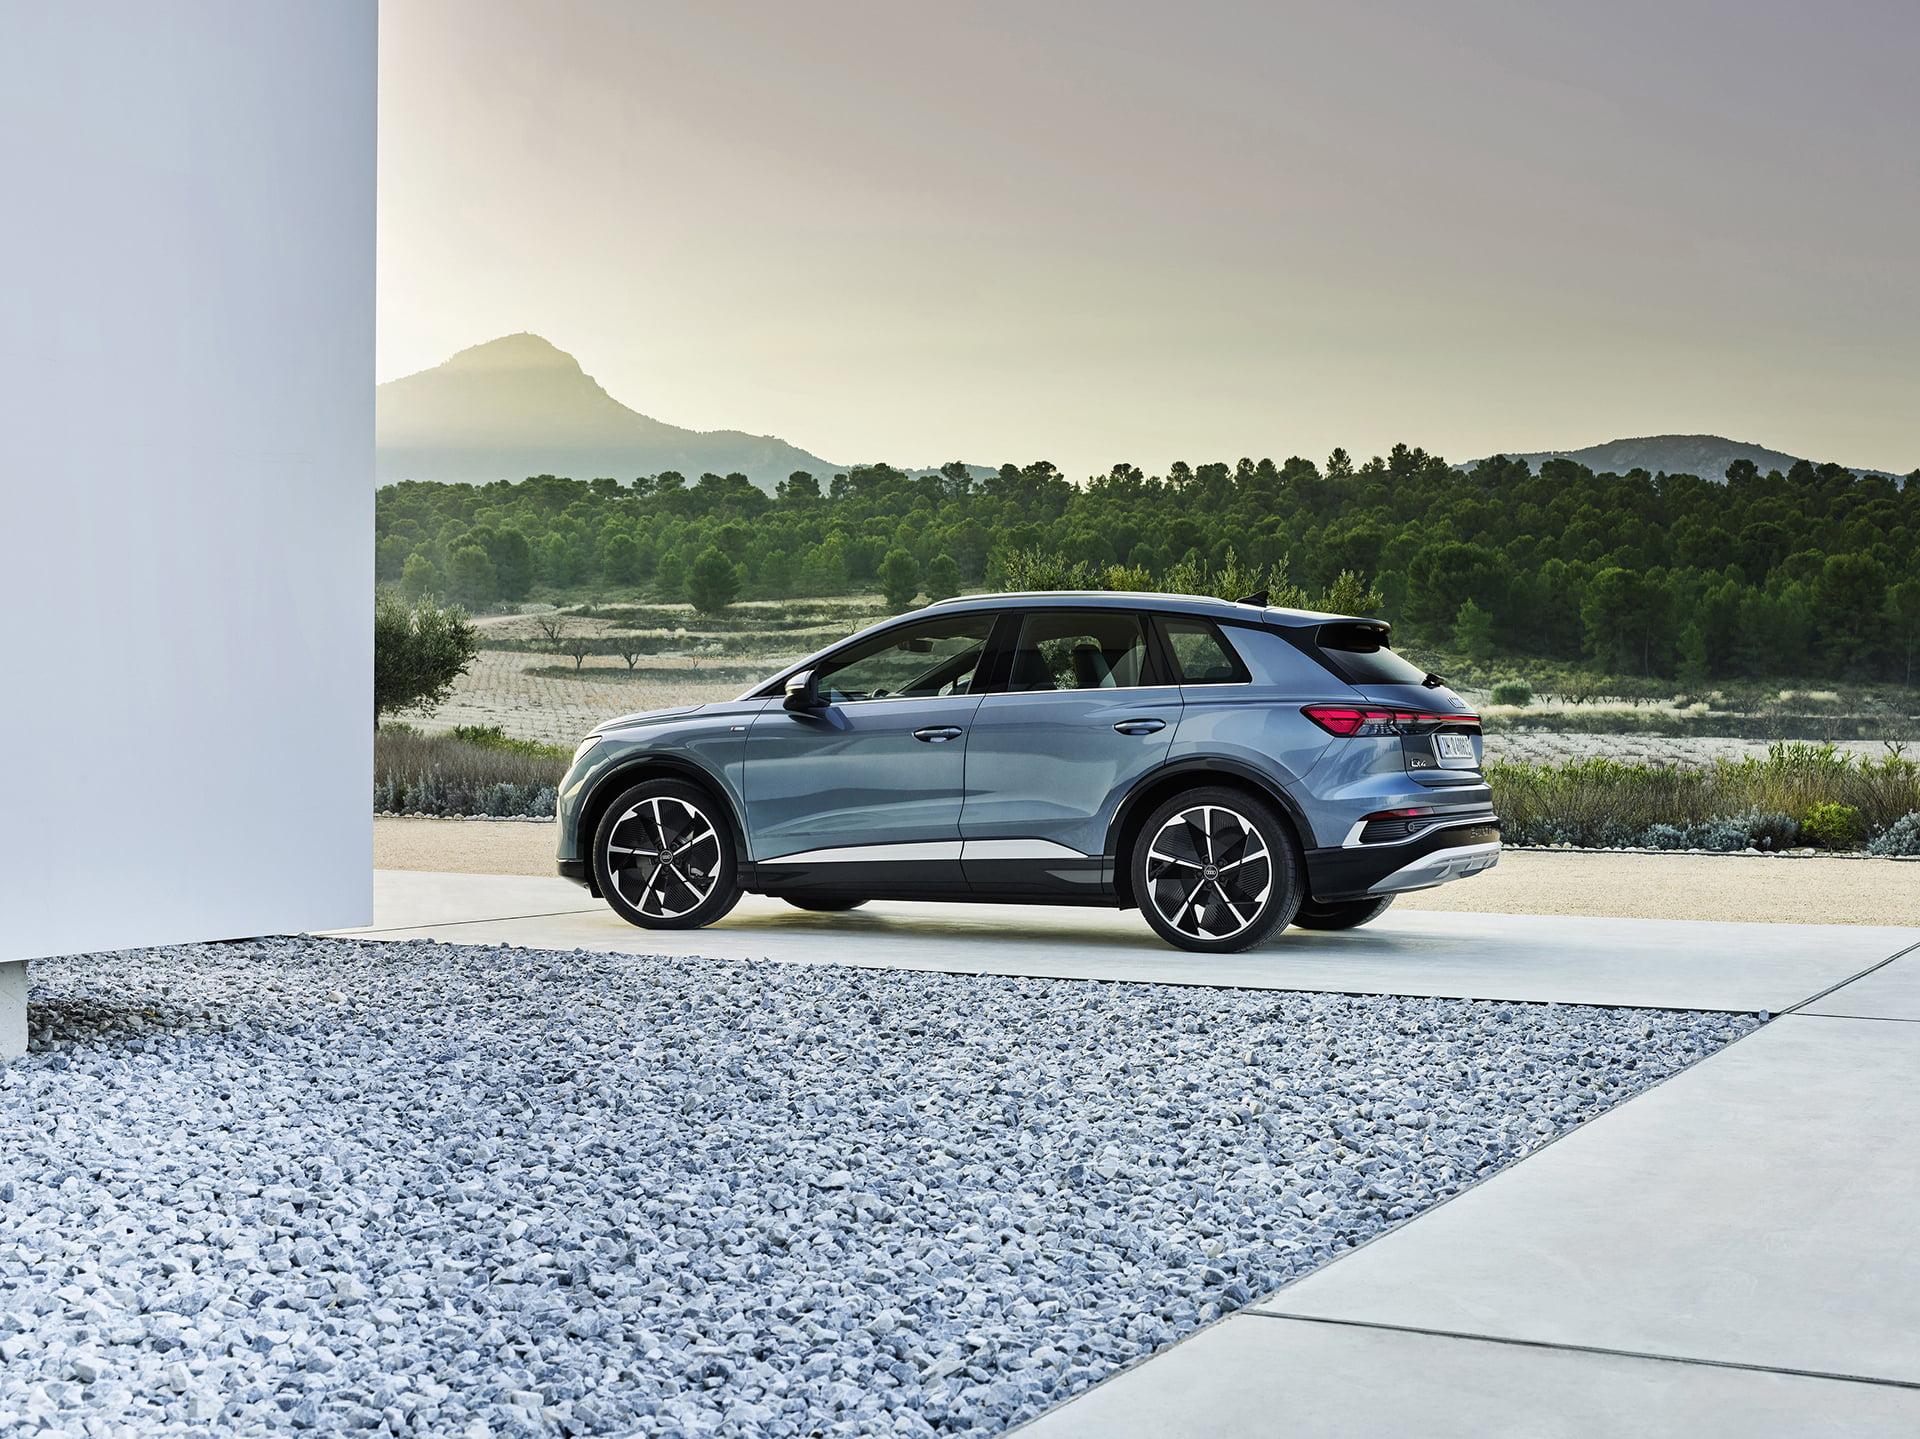 El Audi Q4 e-tron tiene una amplia autonomía de recorrido.